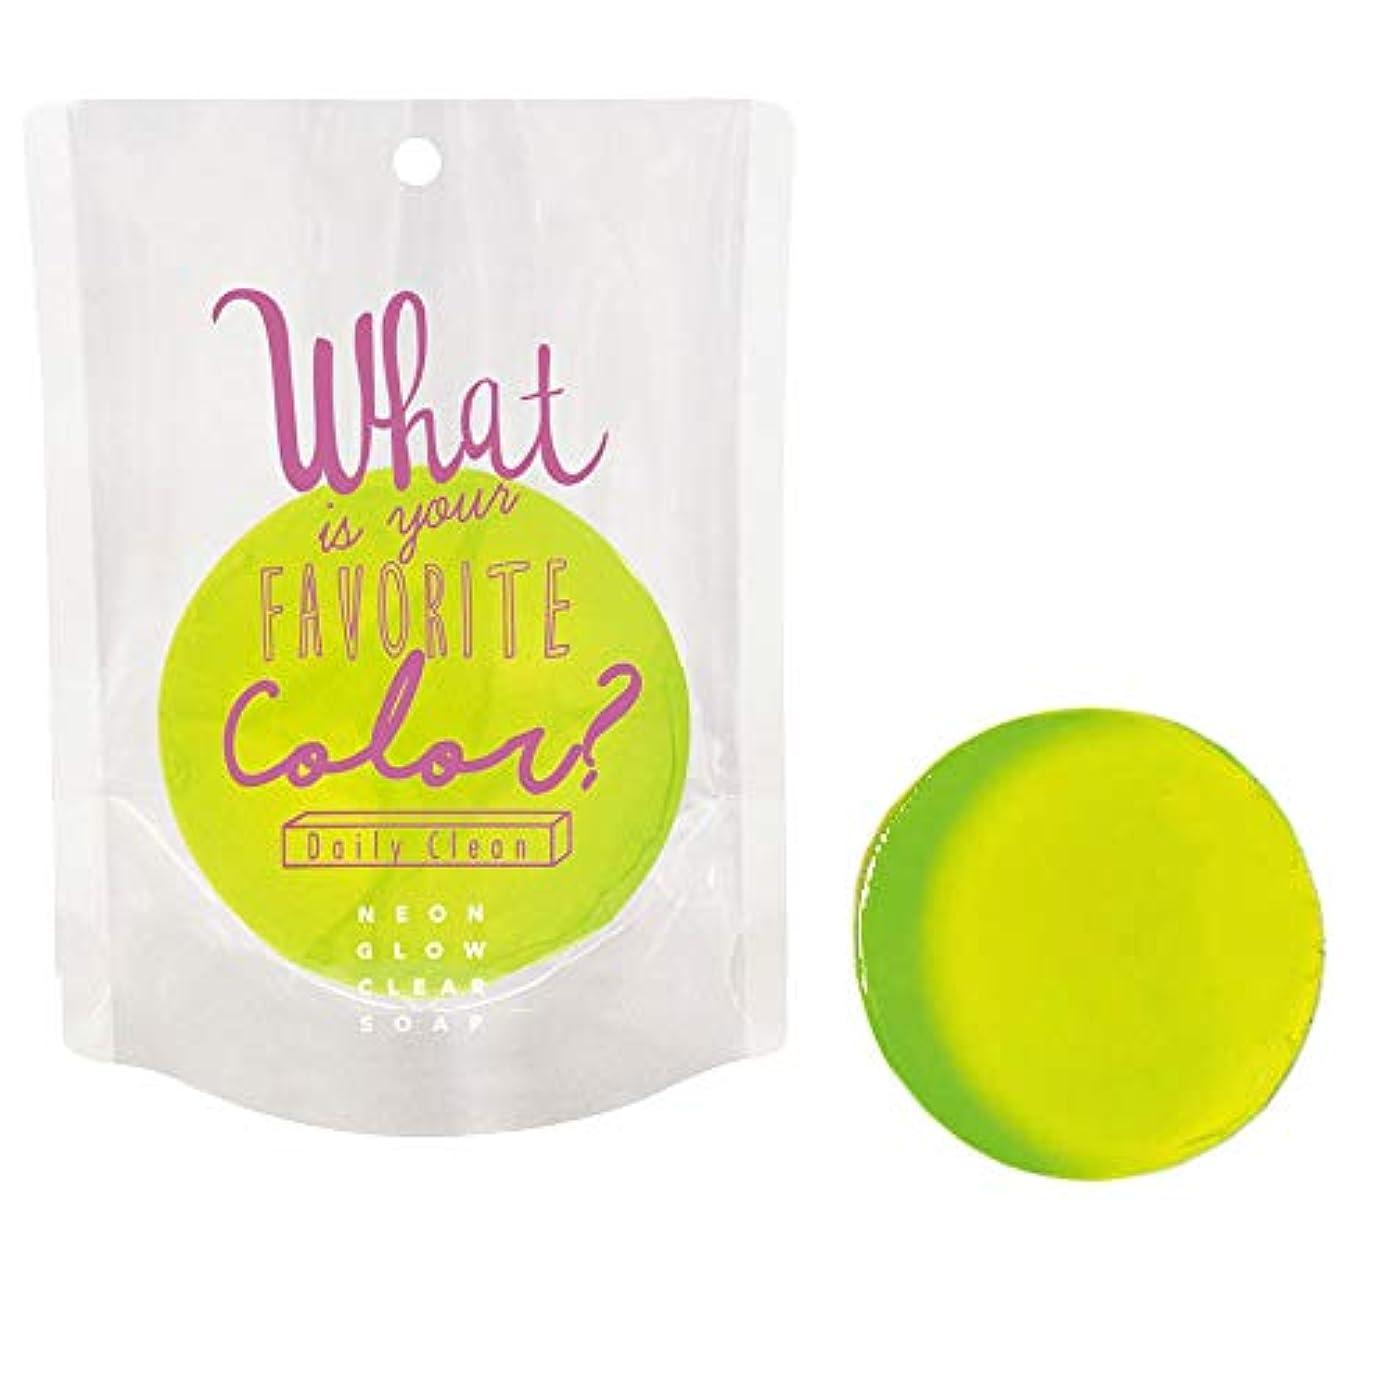 セーブ同様のサスティーンネオングロークリアソープ ob-ngw-2-1-4(02/パパイヤ) Neon Glow Clear Soap 石鹸 ノルコーポレーション 固形 せっけん カラフル 香り 清潔 ギフト プレゼント